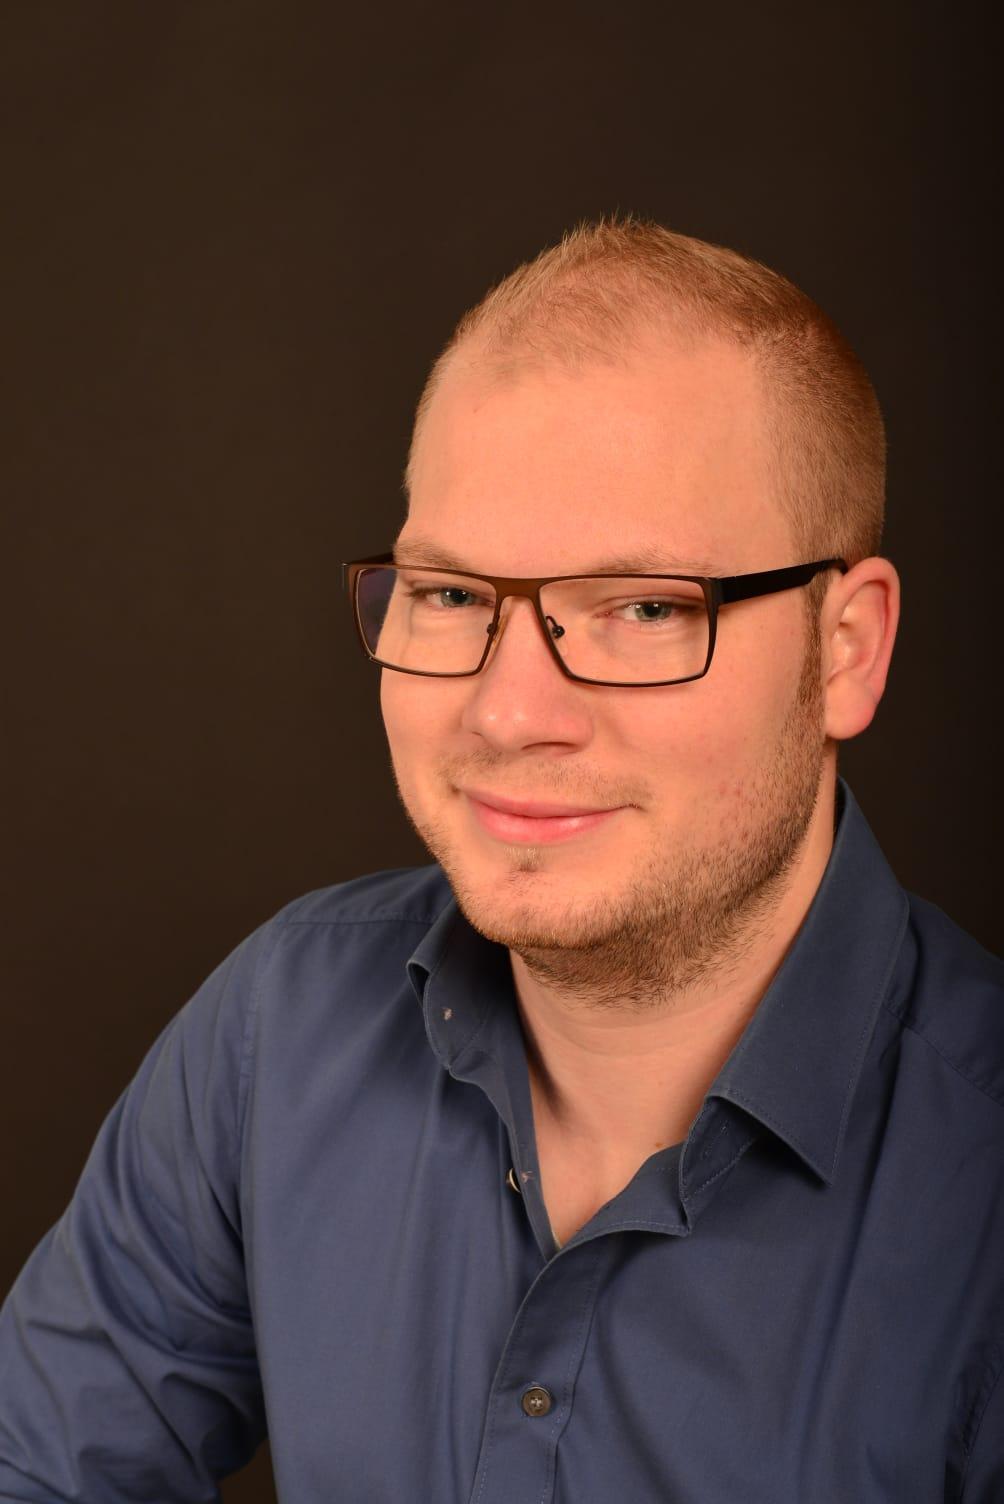 Matthias Hammerbach